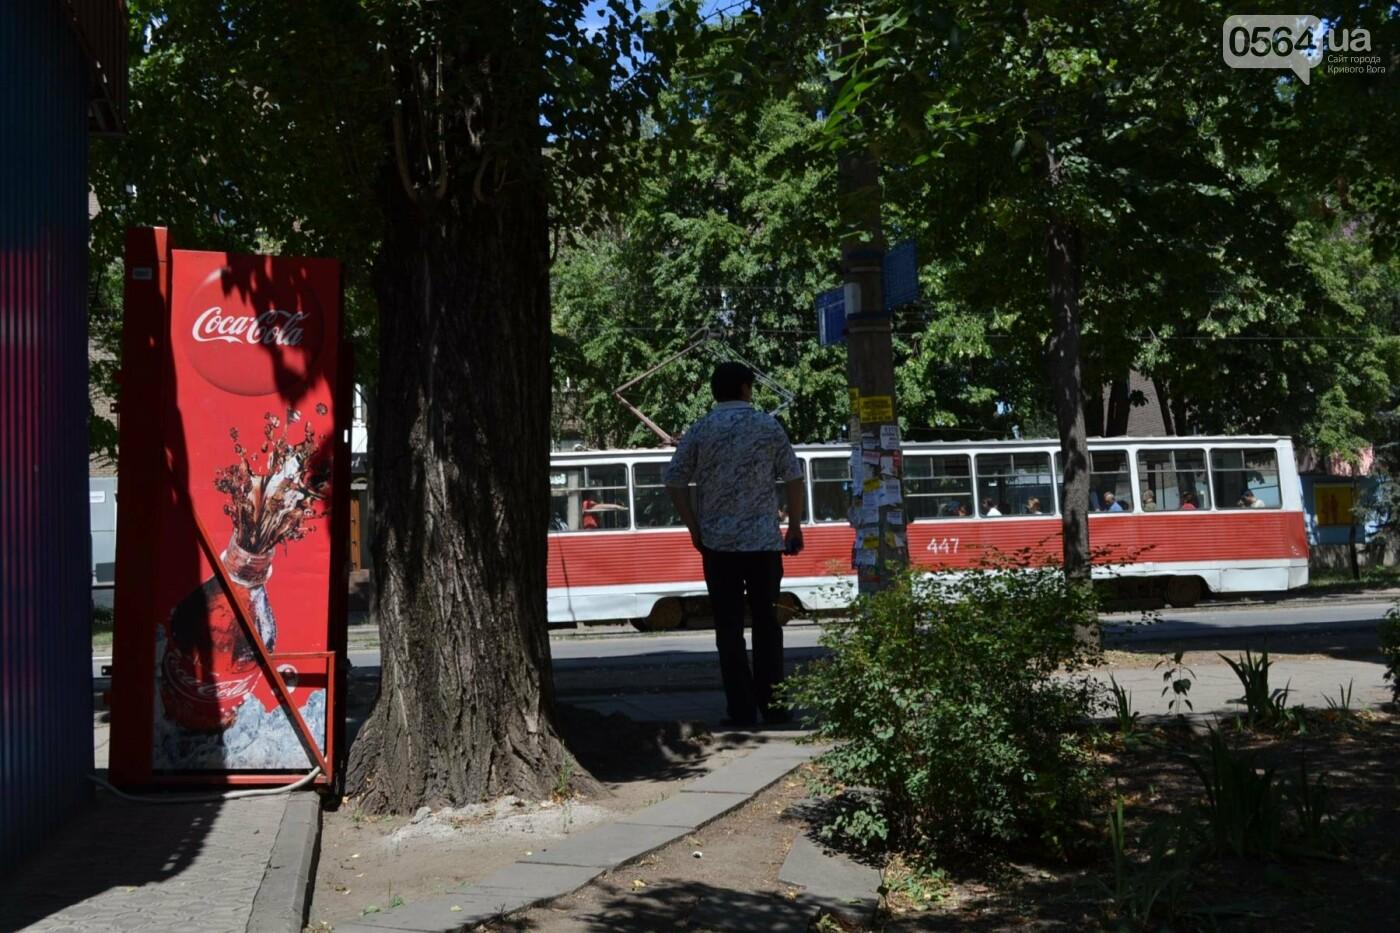 """В Кривом Роге активисты обнаружили очередную """"наливайку"""", а полицейский назвал это """"фигней"""", - ФОТО, ВИДЕО, фото-26"""